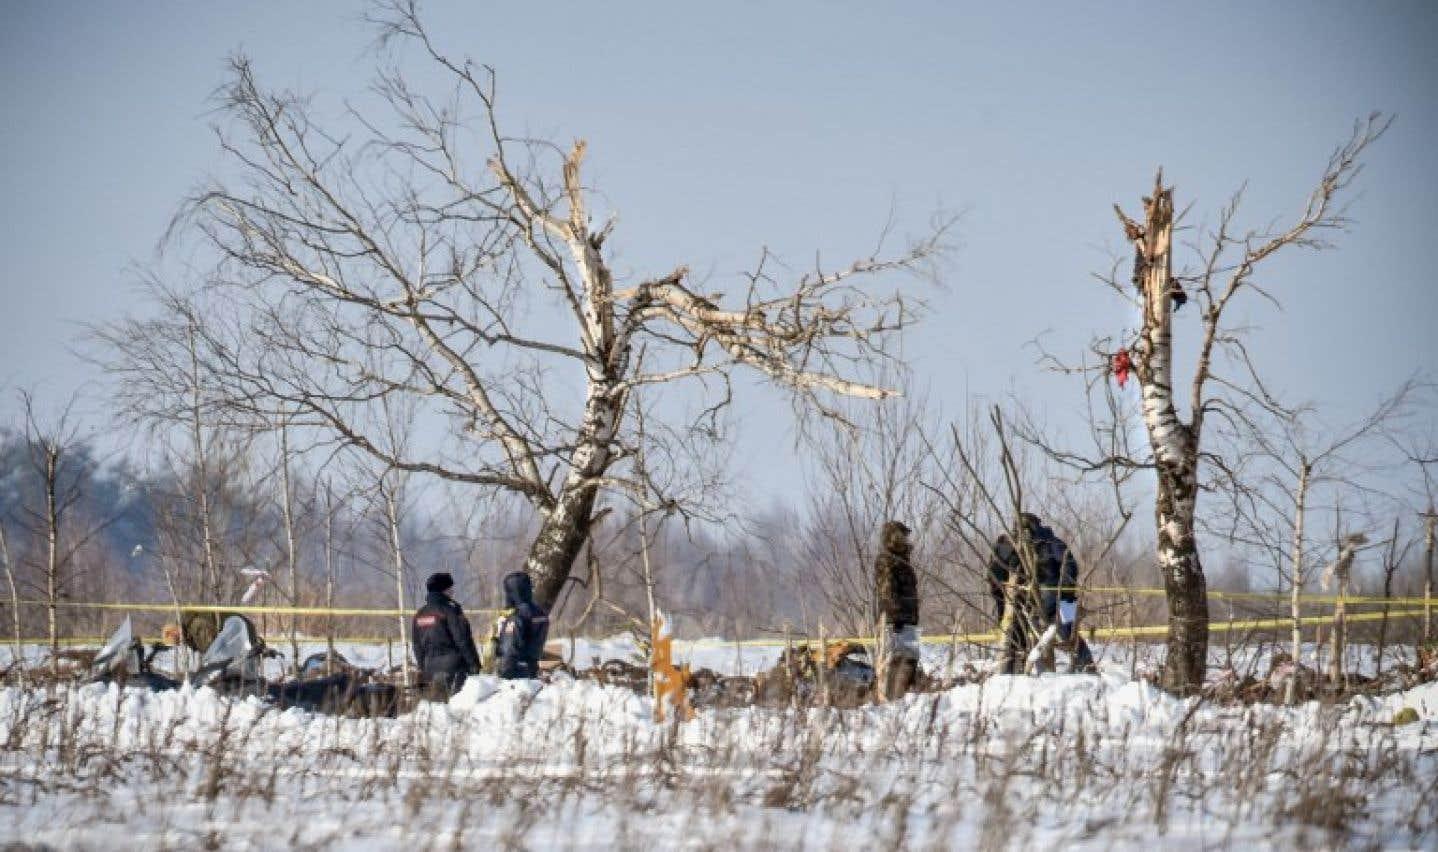 Des centaines d'hommes en uniformes passent au peigne fin plusieurs hectares enneigés à la recherche de restes de corps.